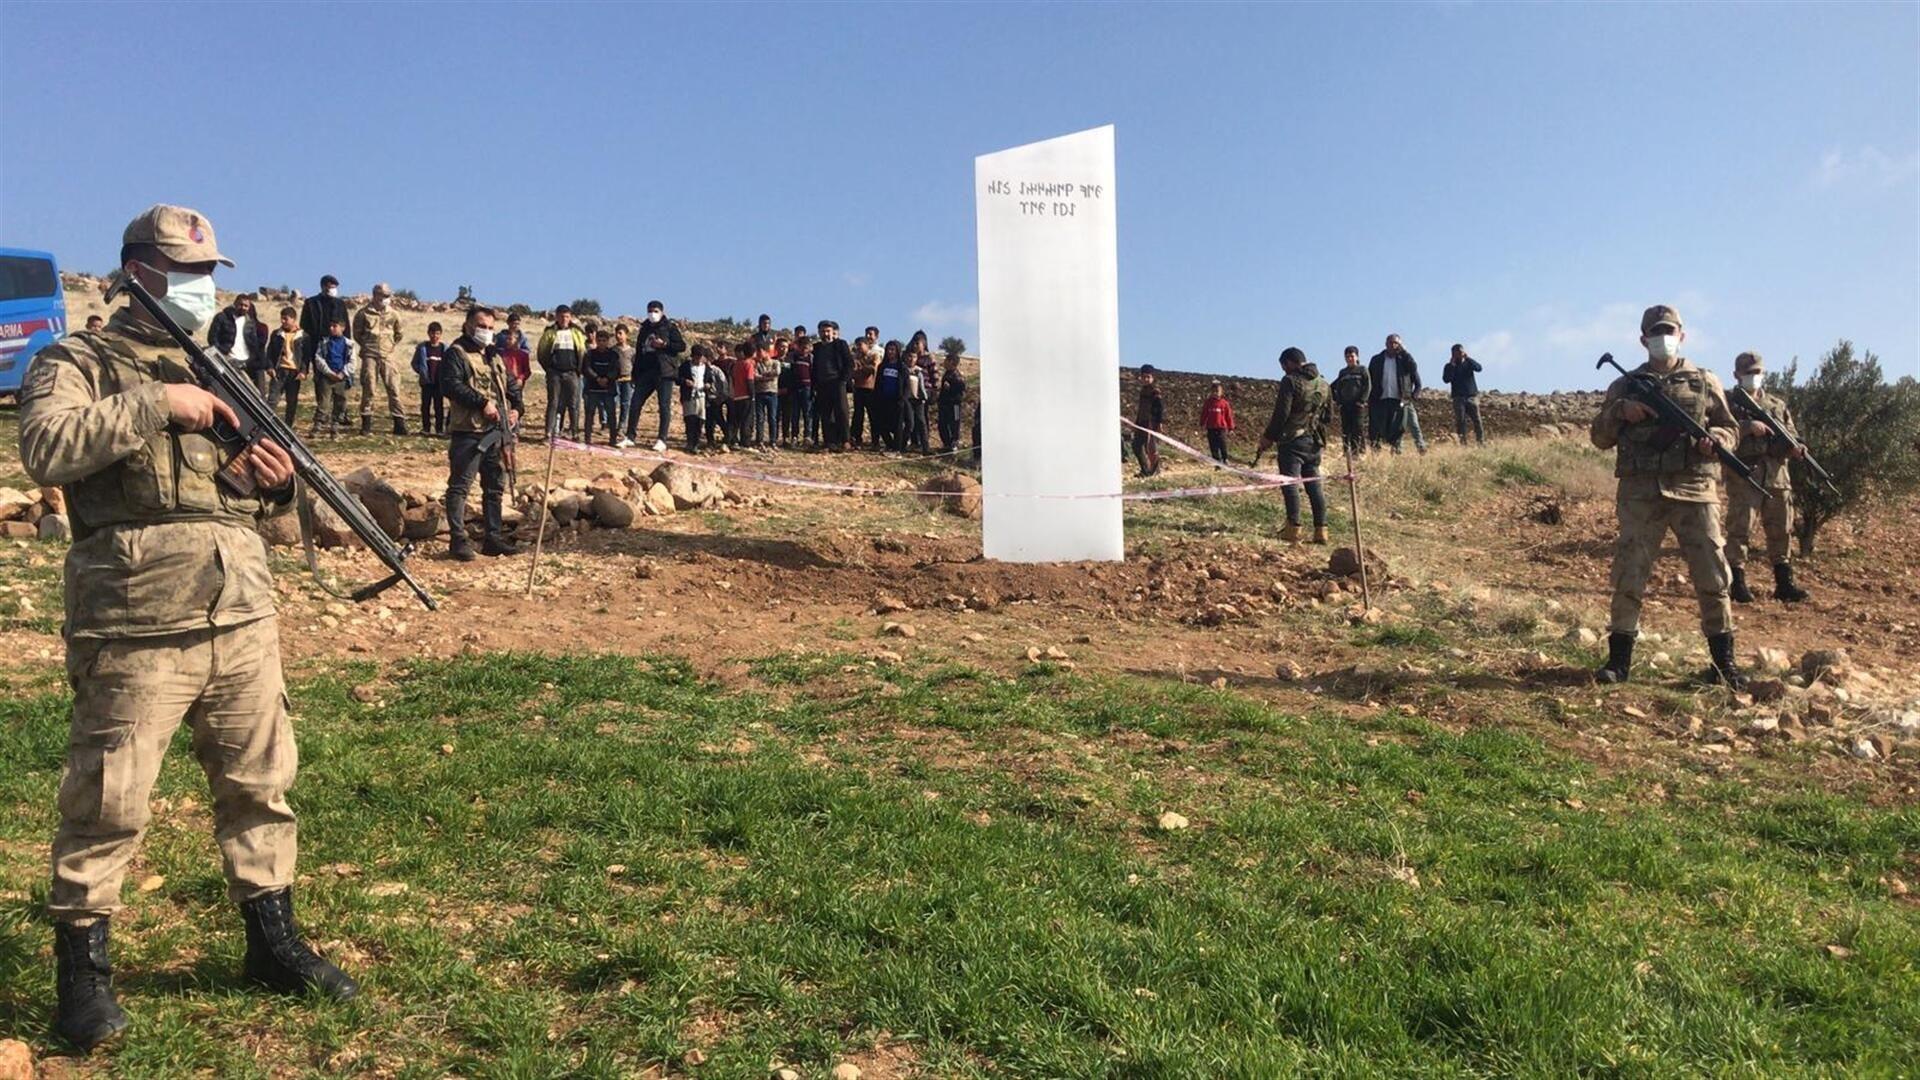 Göbeklitepe yakınlarında bulunan metal blok monolit  - Sputnik Türkiye, 1920, 09.02.2021